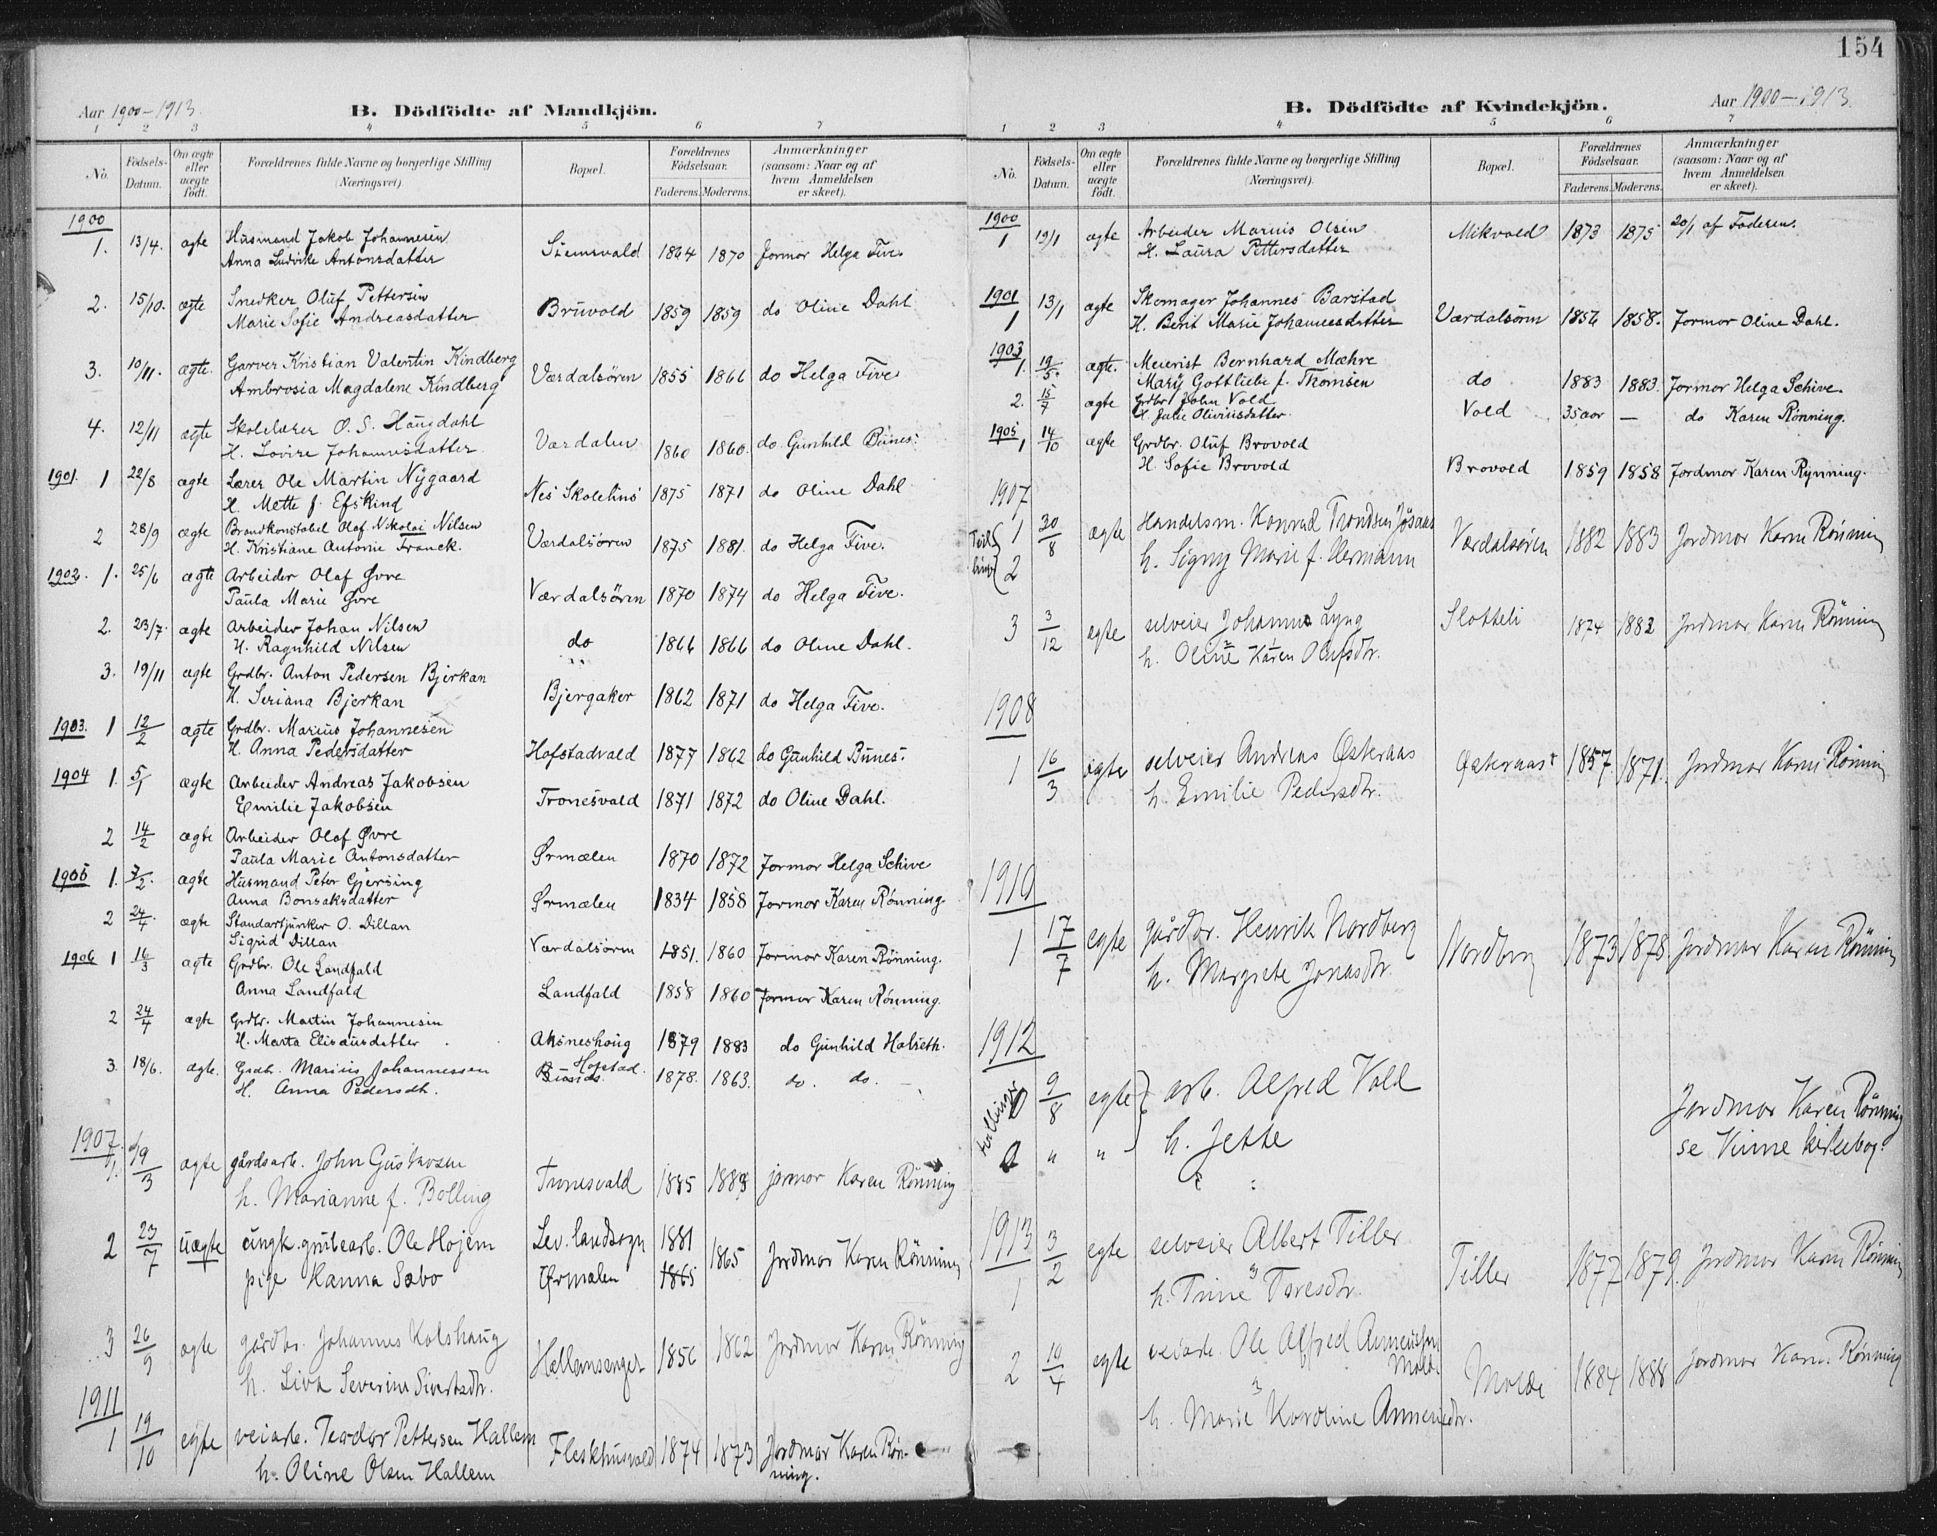 SAT, Ministerialprotokoller, klokkerbøker og fødselsregistre - Nord-Trøndelag, 723/L0246: Ministerialbok nr. 723A15, 1900-1917, s. 154